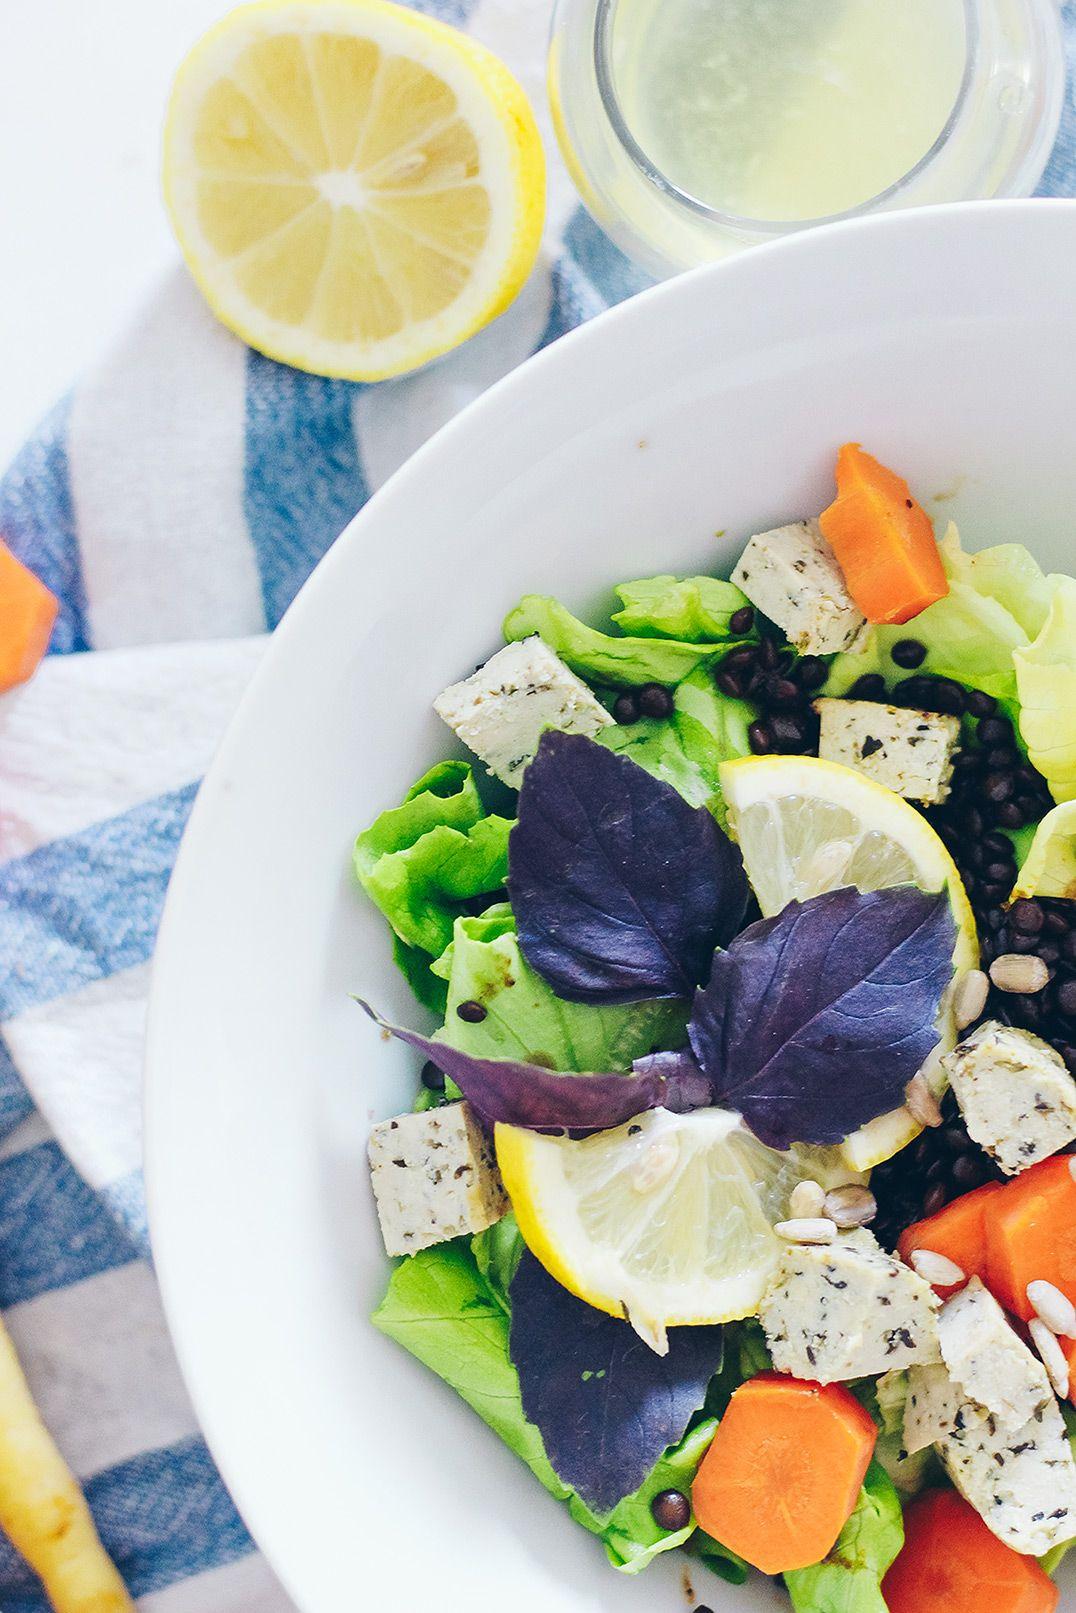 Herbstsalat // Warmes Belugalinsen Salat Rezept auf VANILLAHOLICA.com .  Wer glaubt Salat kann man nur im Sommer essen, hat diesen lauwarmen Salat für den Herbst mit Beluga Linsen, Kräutertofu, Zitronen, Karotten und allerlei mehr noch nicht probiert. Es ist ein einfaches und vor allem schnelles Rezept, das sowohl für Vegetarier als auch Veganer in 15 Minuten hergestellt werden kann. Und glaubt mir, auch unsere liebe Allesesser werden dieses Salatrezept lieben.  Ein Rezept für jedes Budget !